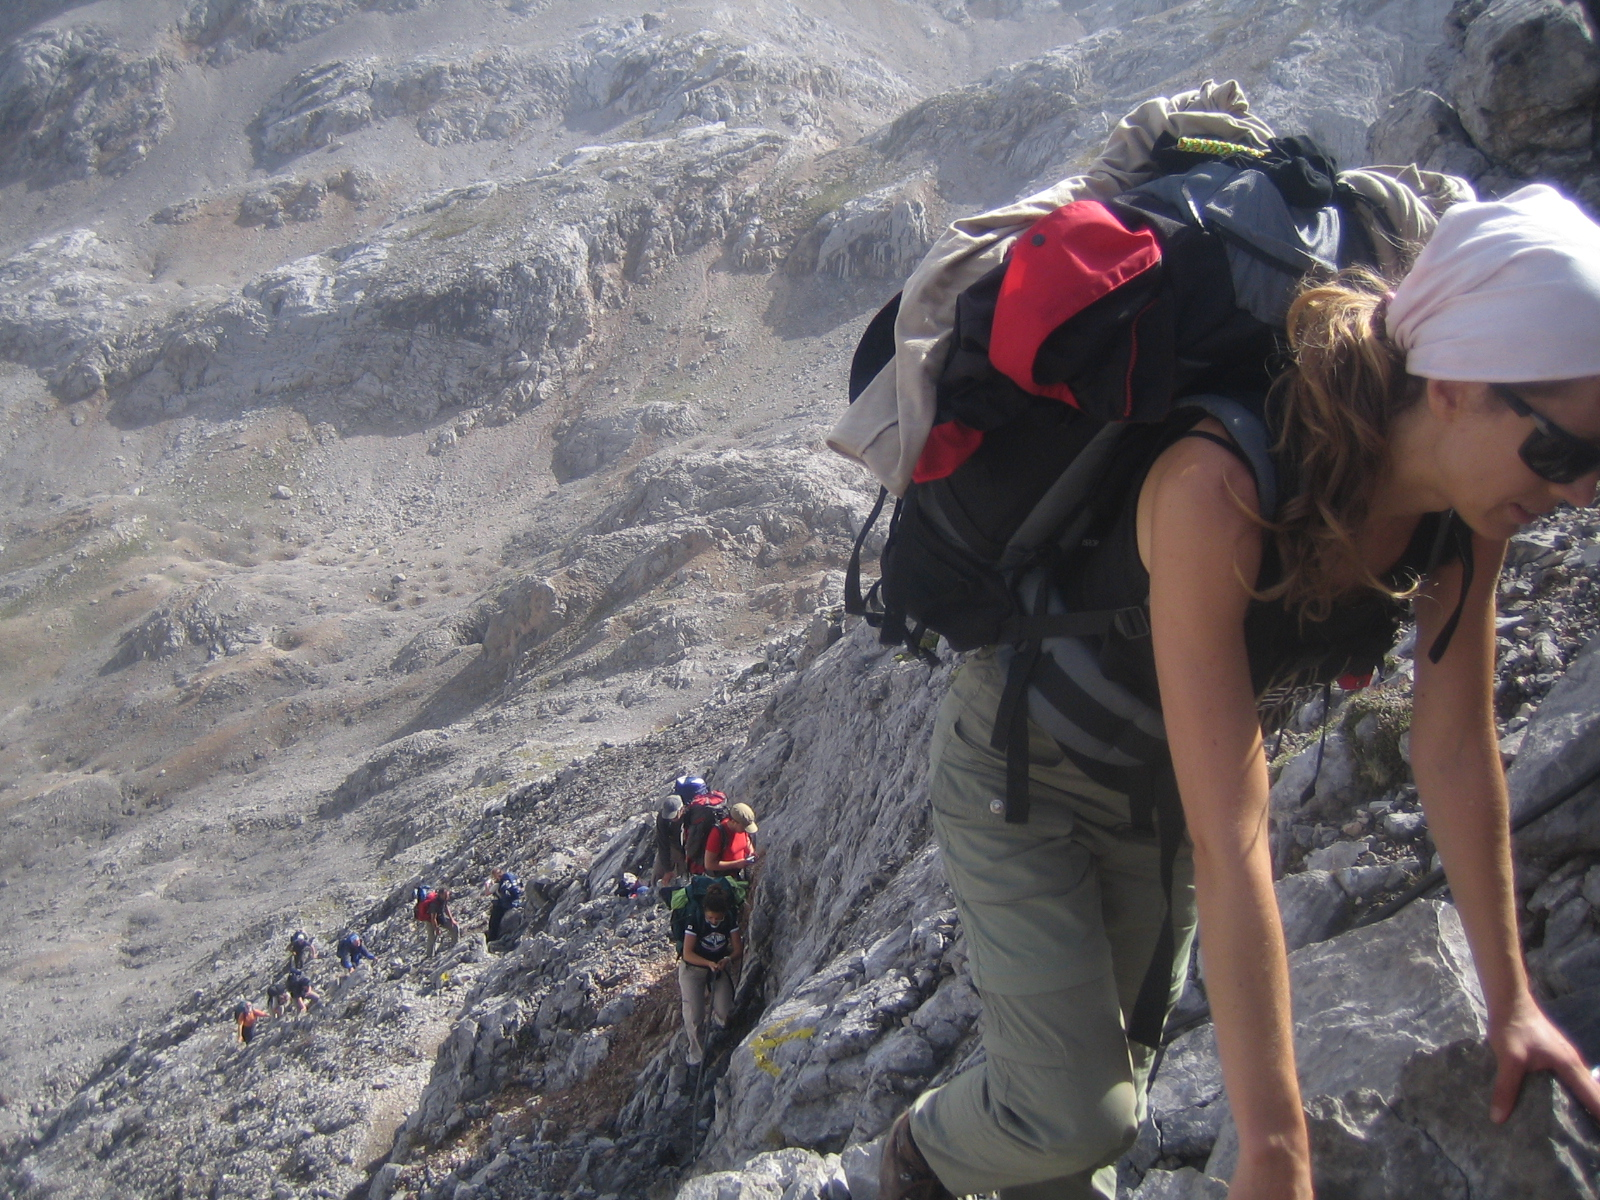 -montaña-naturaleza-actividadespicos-europa